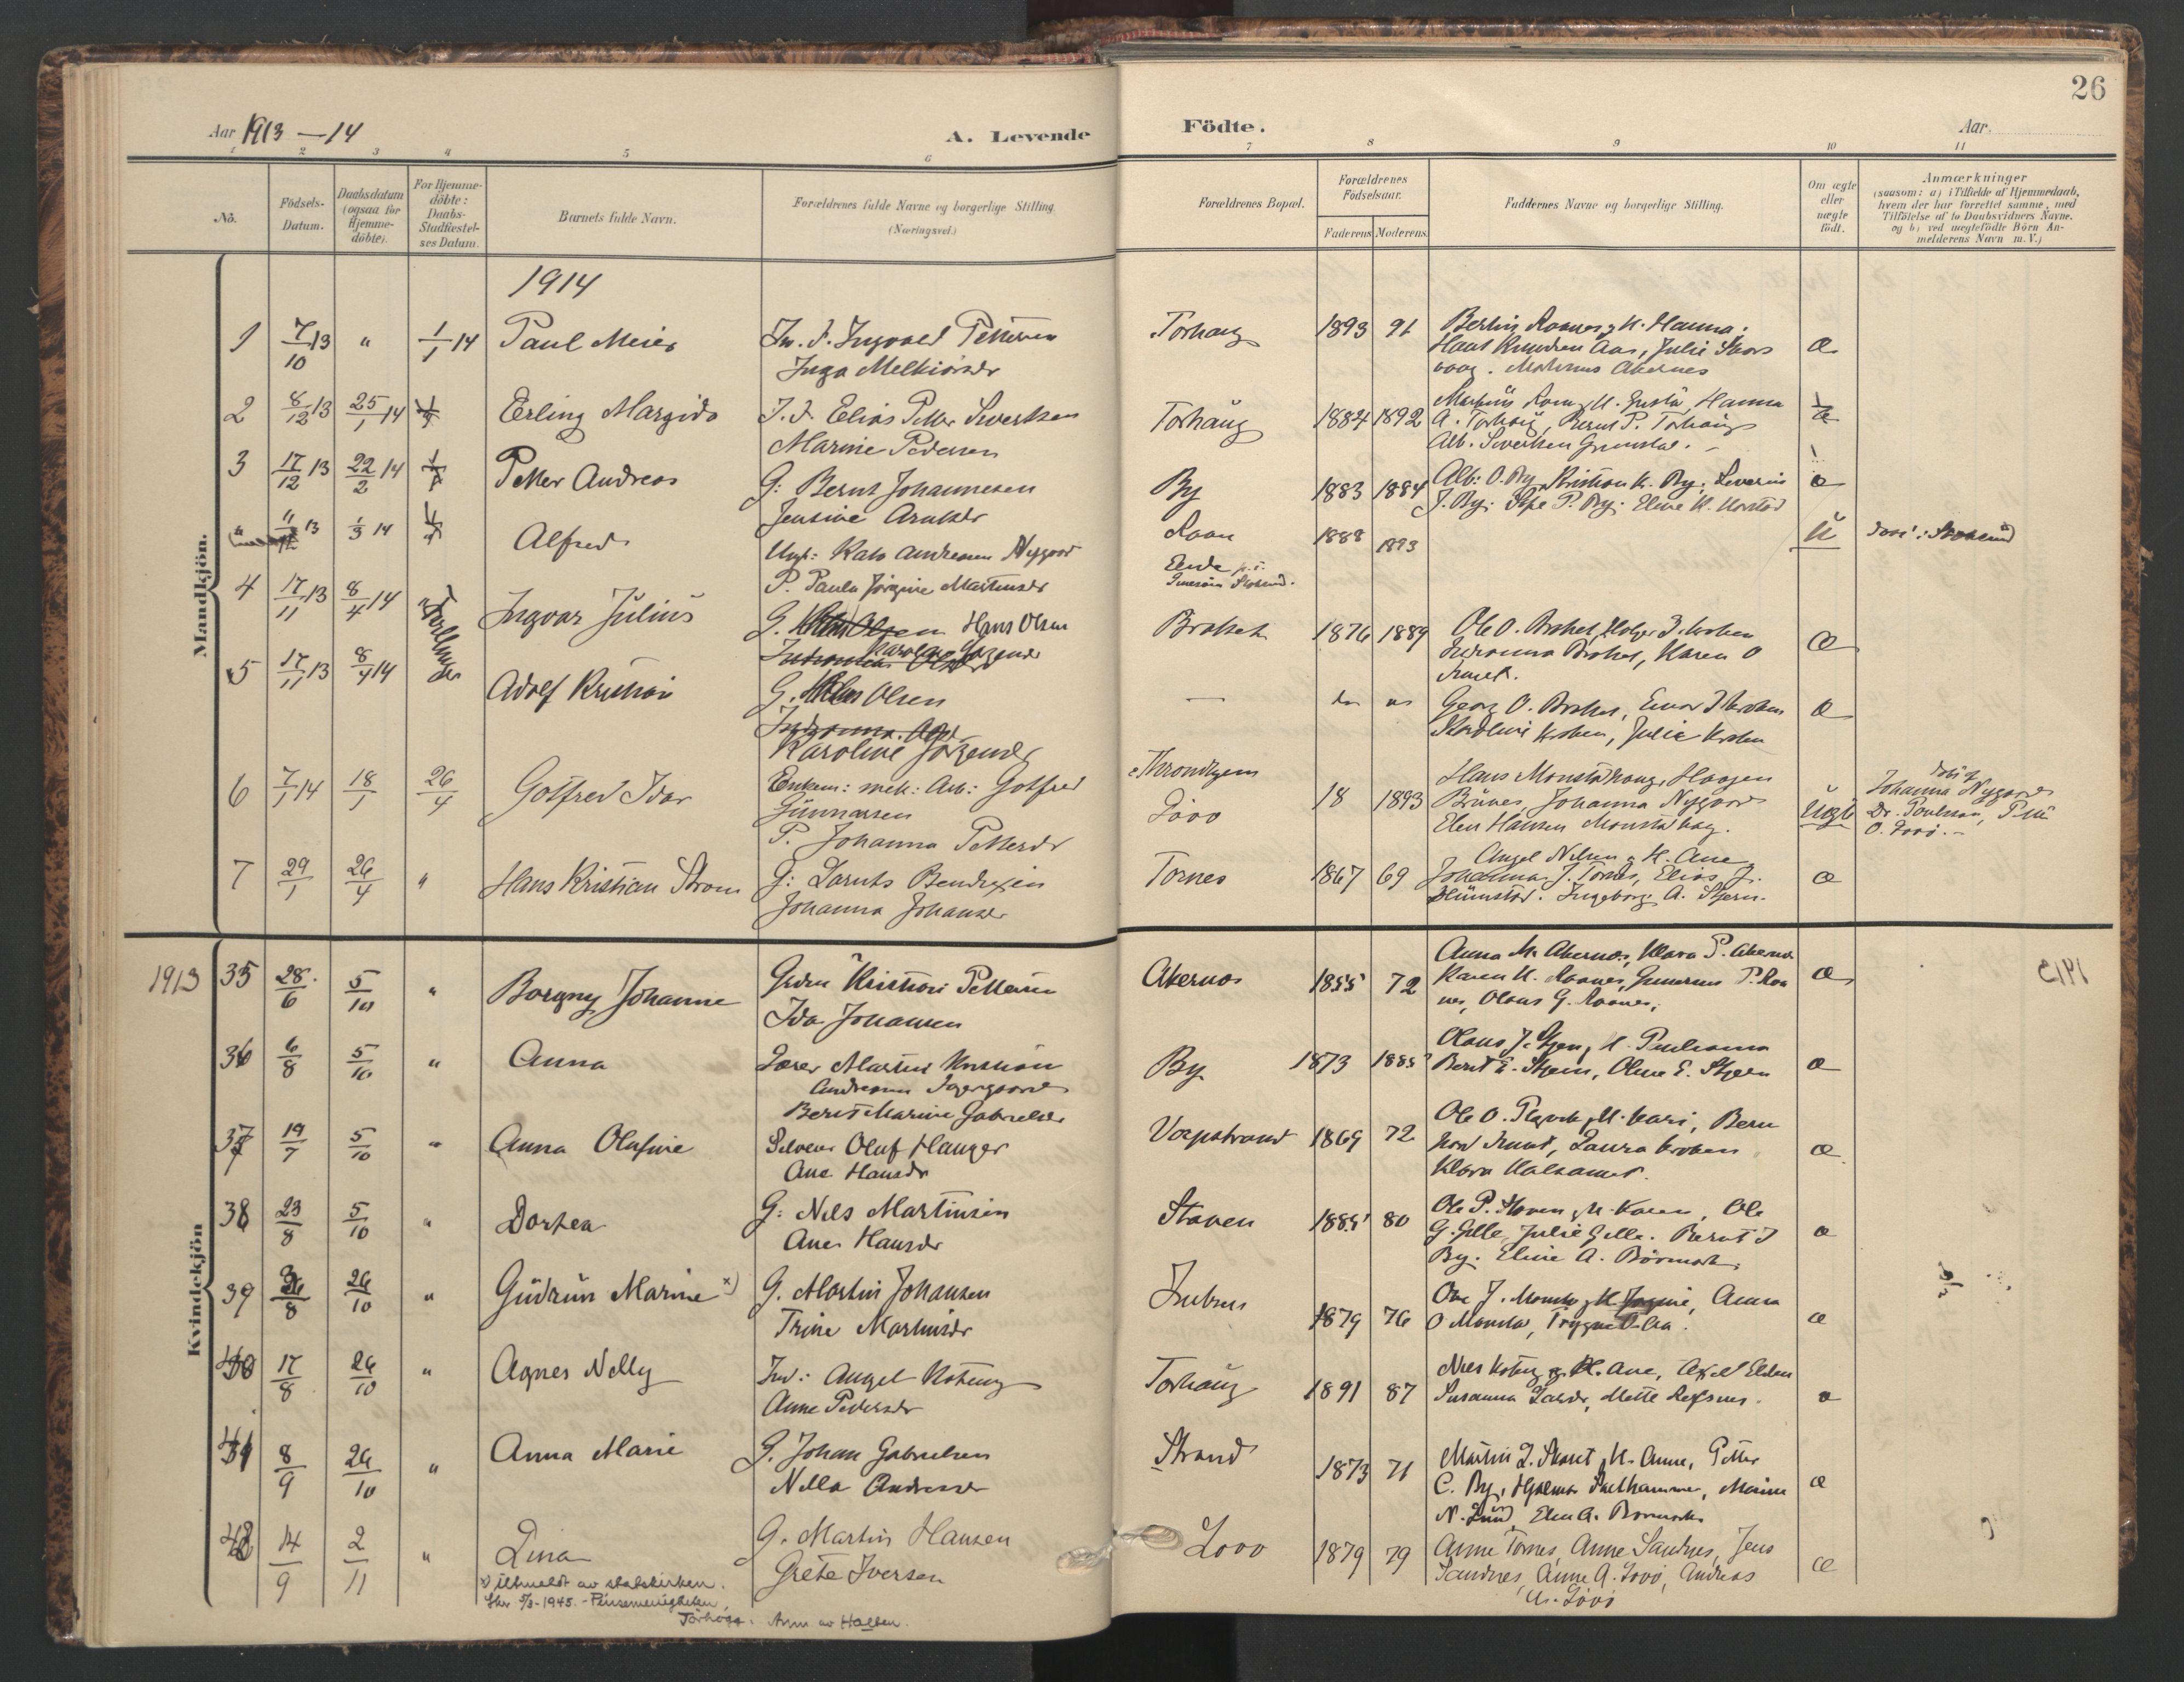 SAT, Ministerialprotokoller, klokkerbøker og fødselsregistre - Sør-Trøndelag, 655/L0682: Ministerialbok nr. 655A11, 1908-1922, s. 26